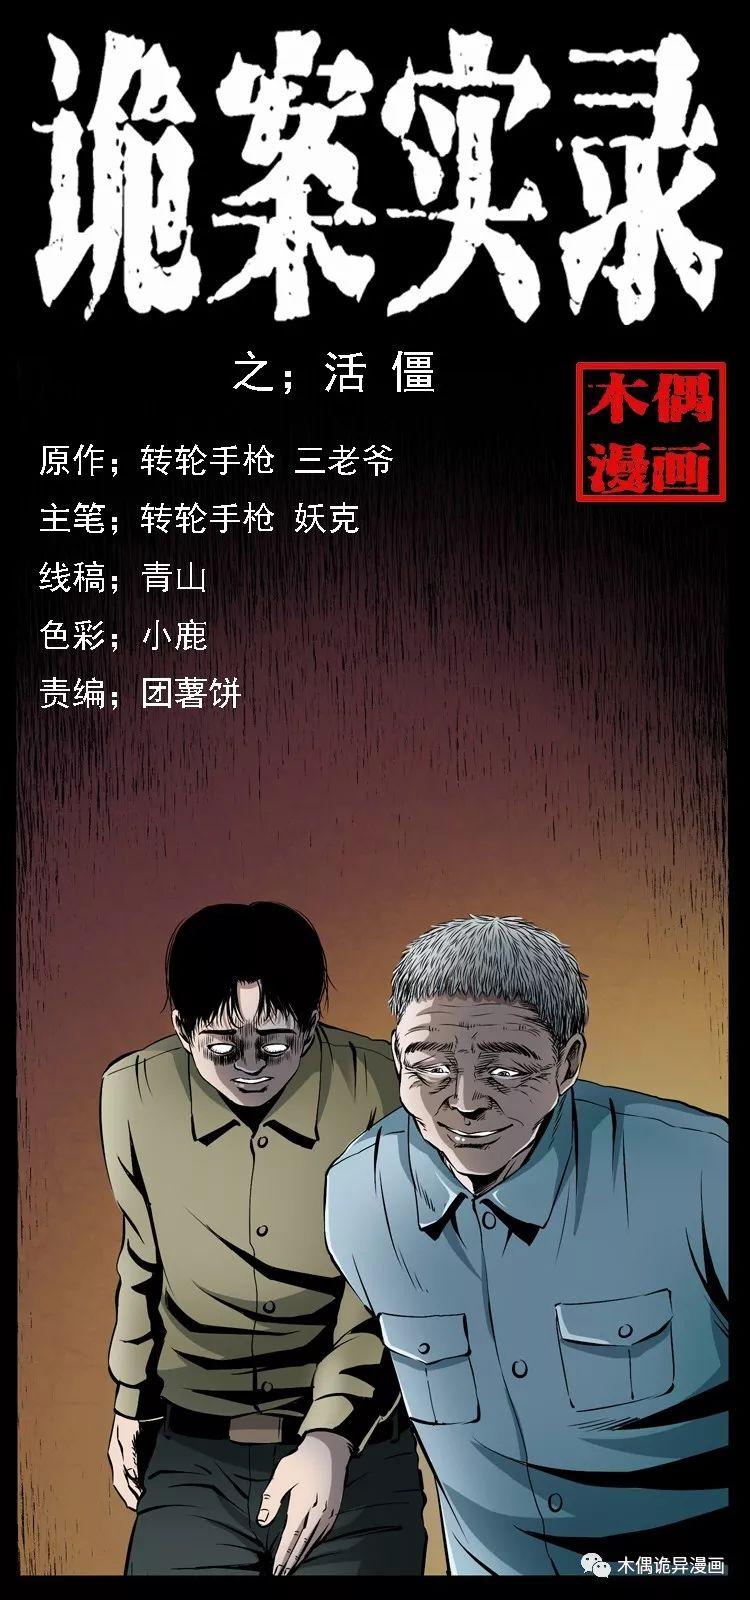 恐怖漫画:诡案实录之活僵-僵尸王